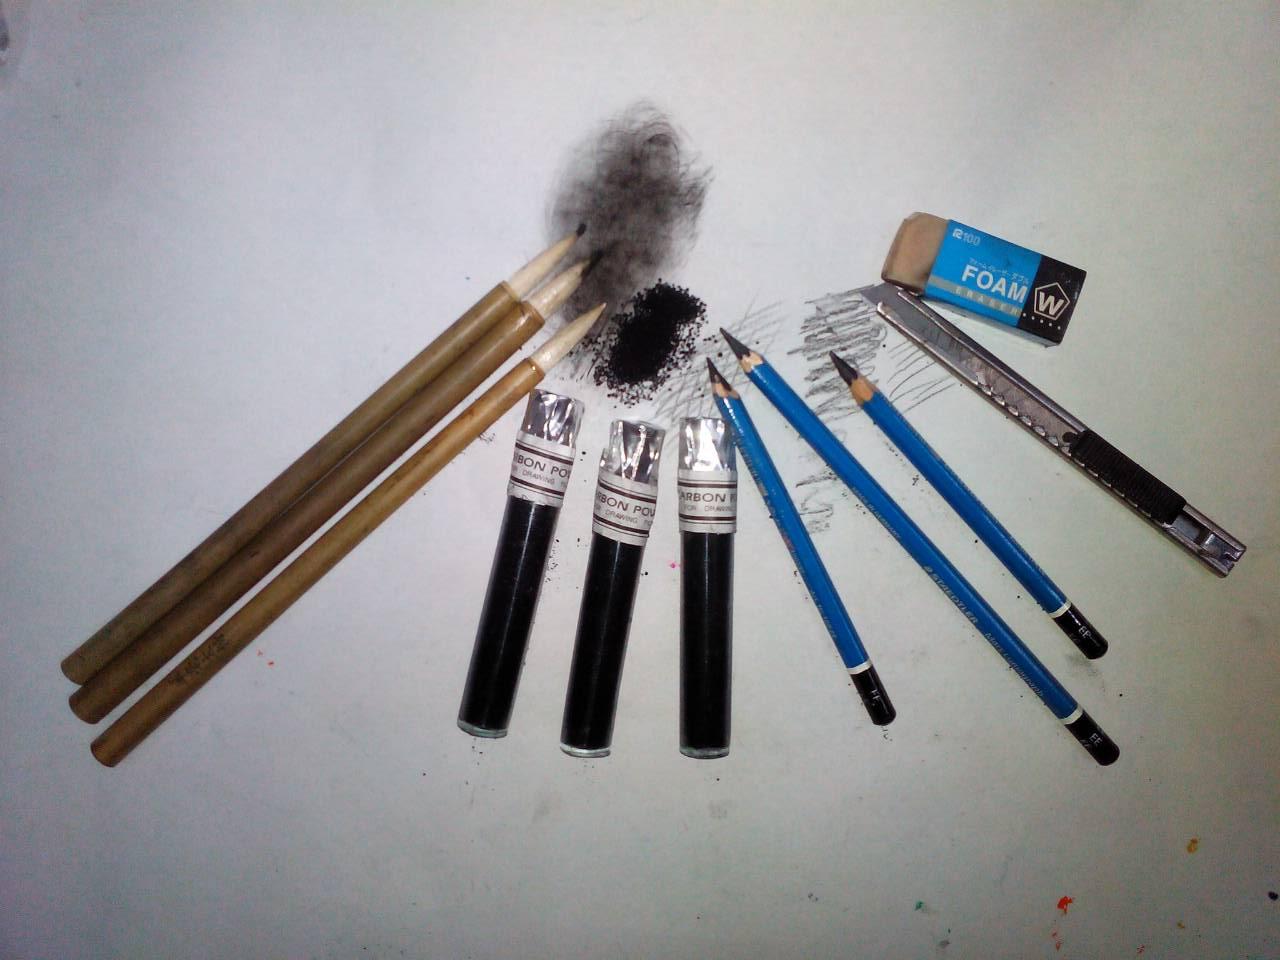 วาดล้อเลียนลายเส้นขาวดำ วาดมือสีน้ำส่งฟรี วาดลายเส้นดินสอการ์ตูน